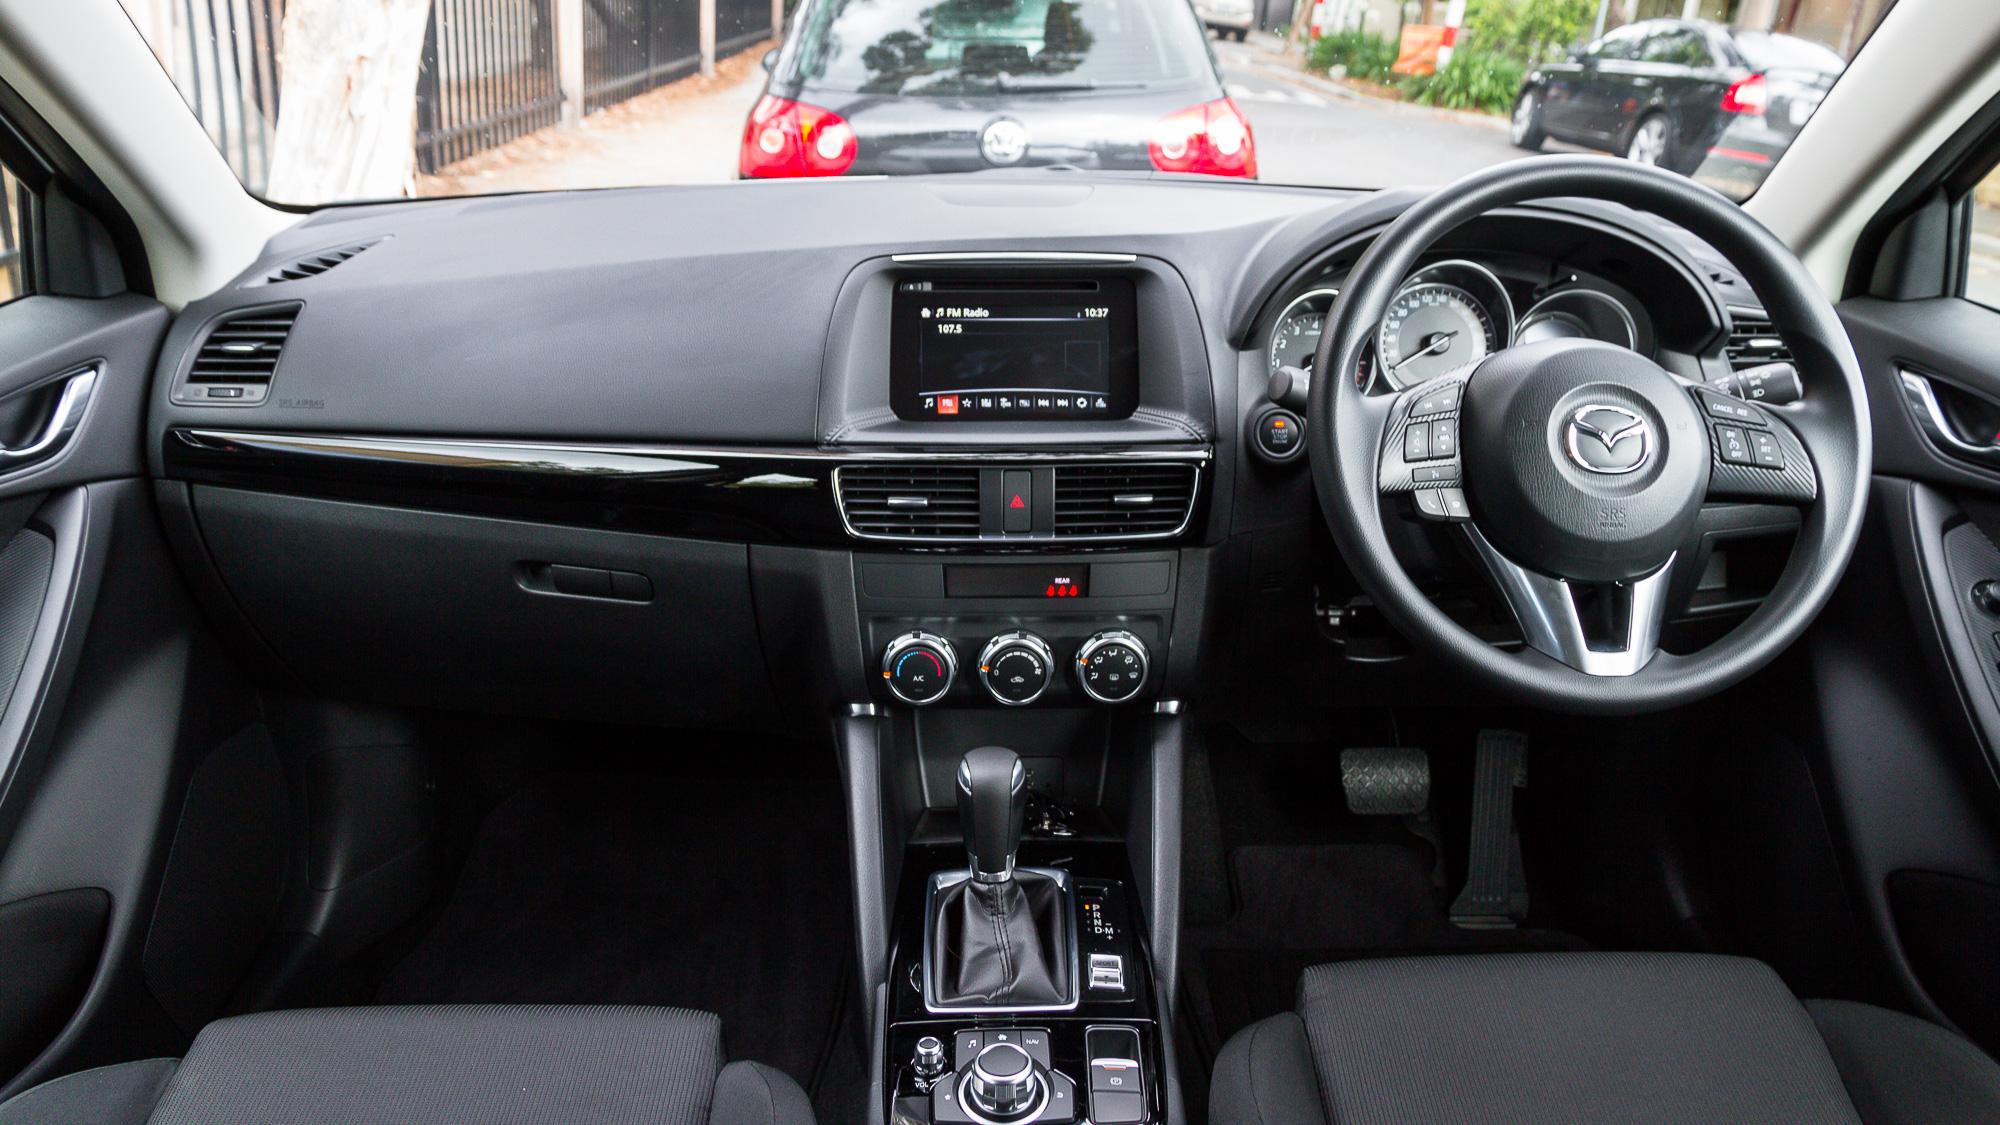 2015 Mazda CX-5 Maxx AWD Review - photos | CarAdvice